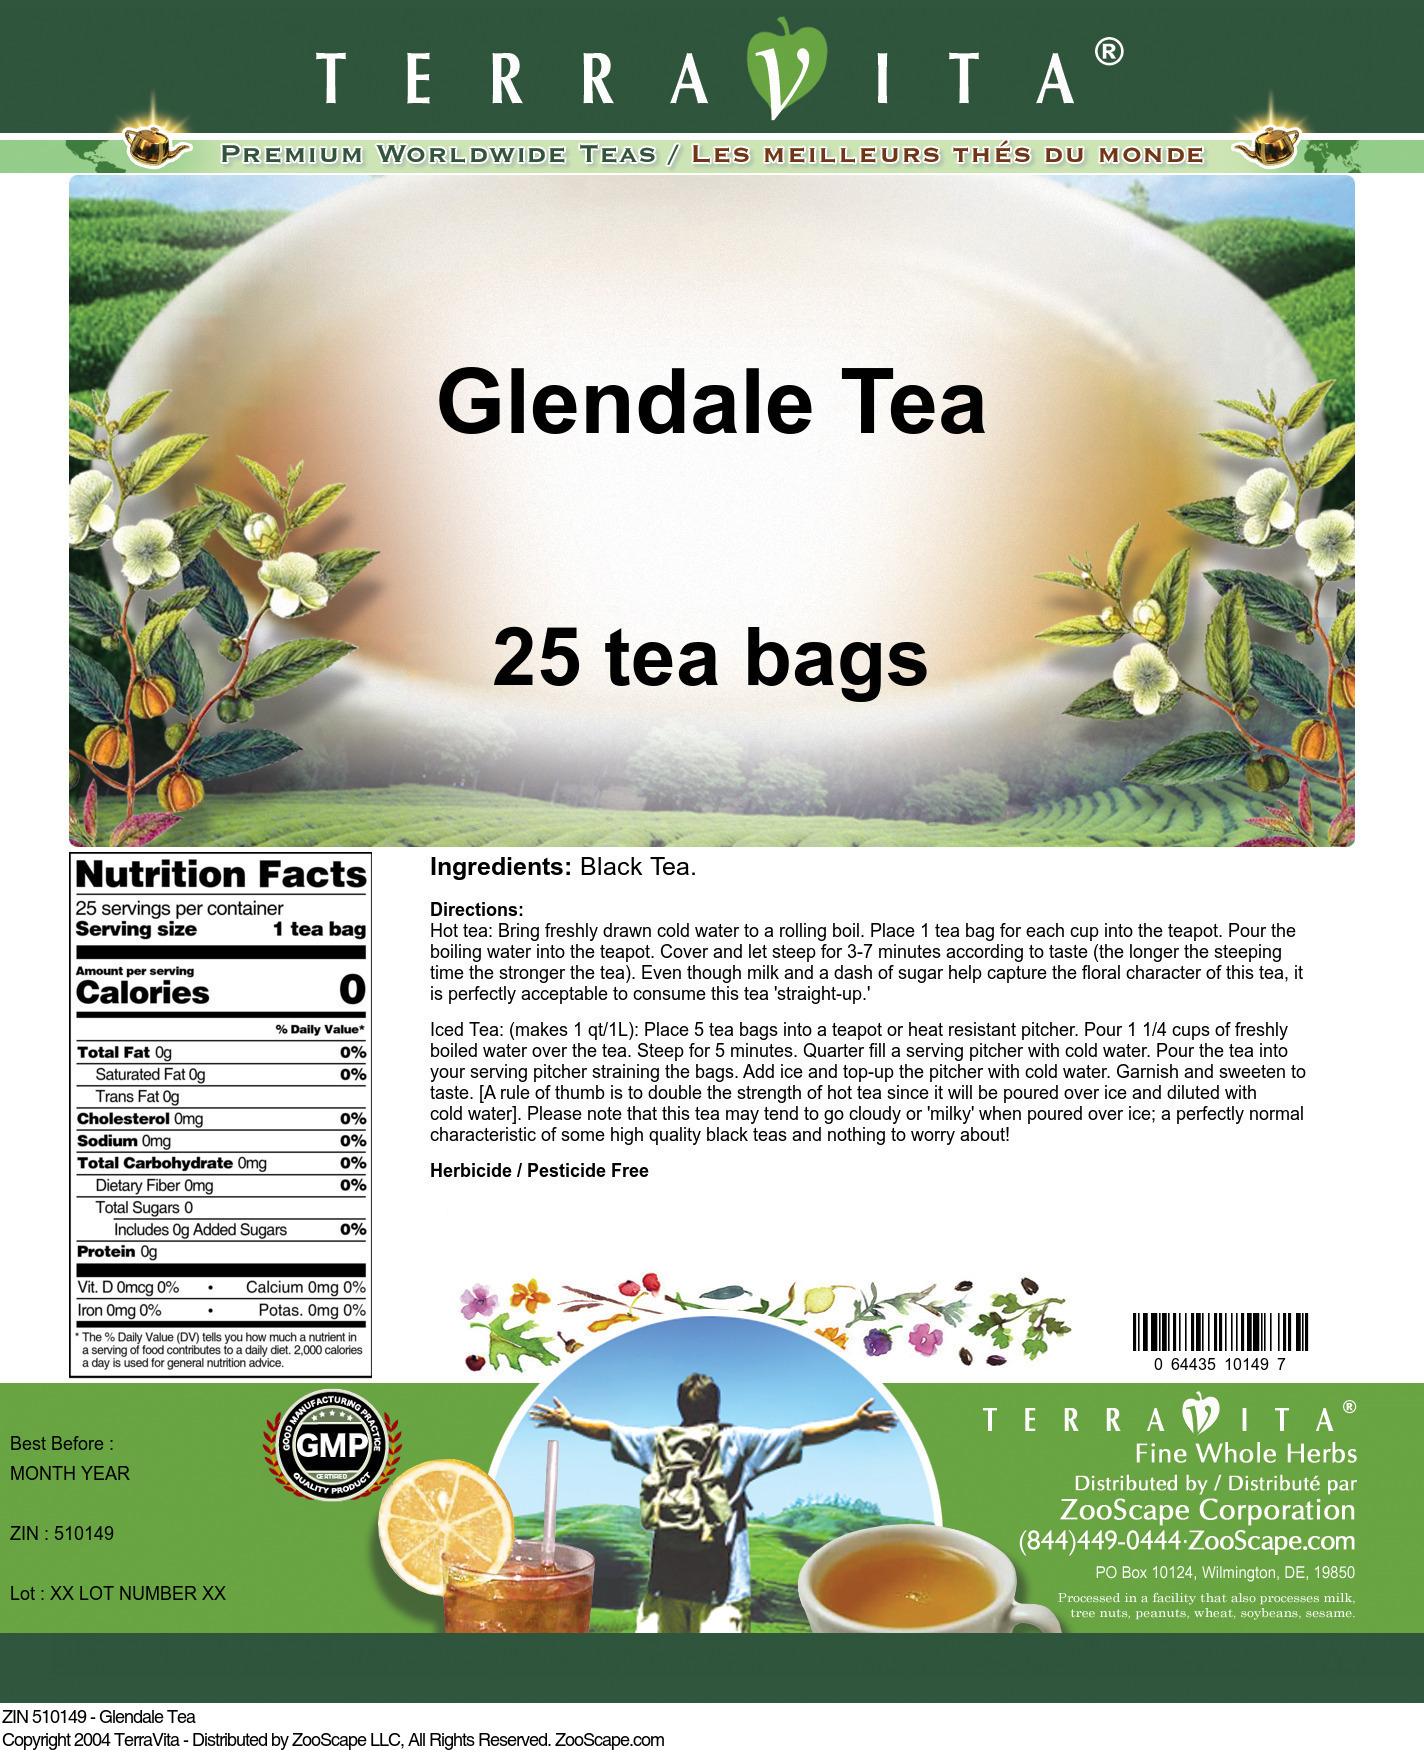 Glendale Tea